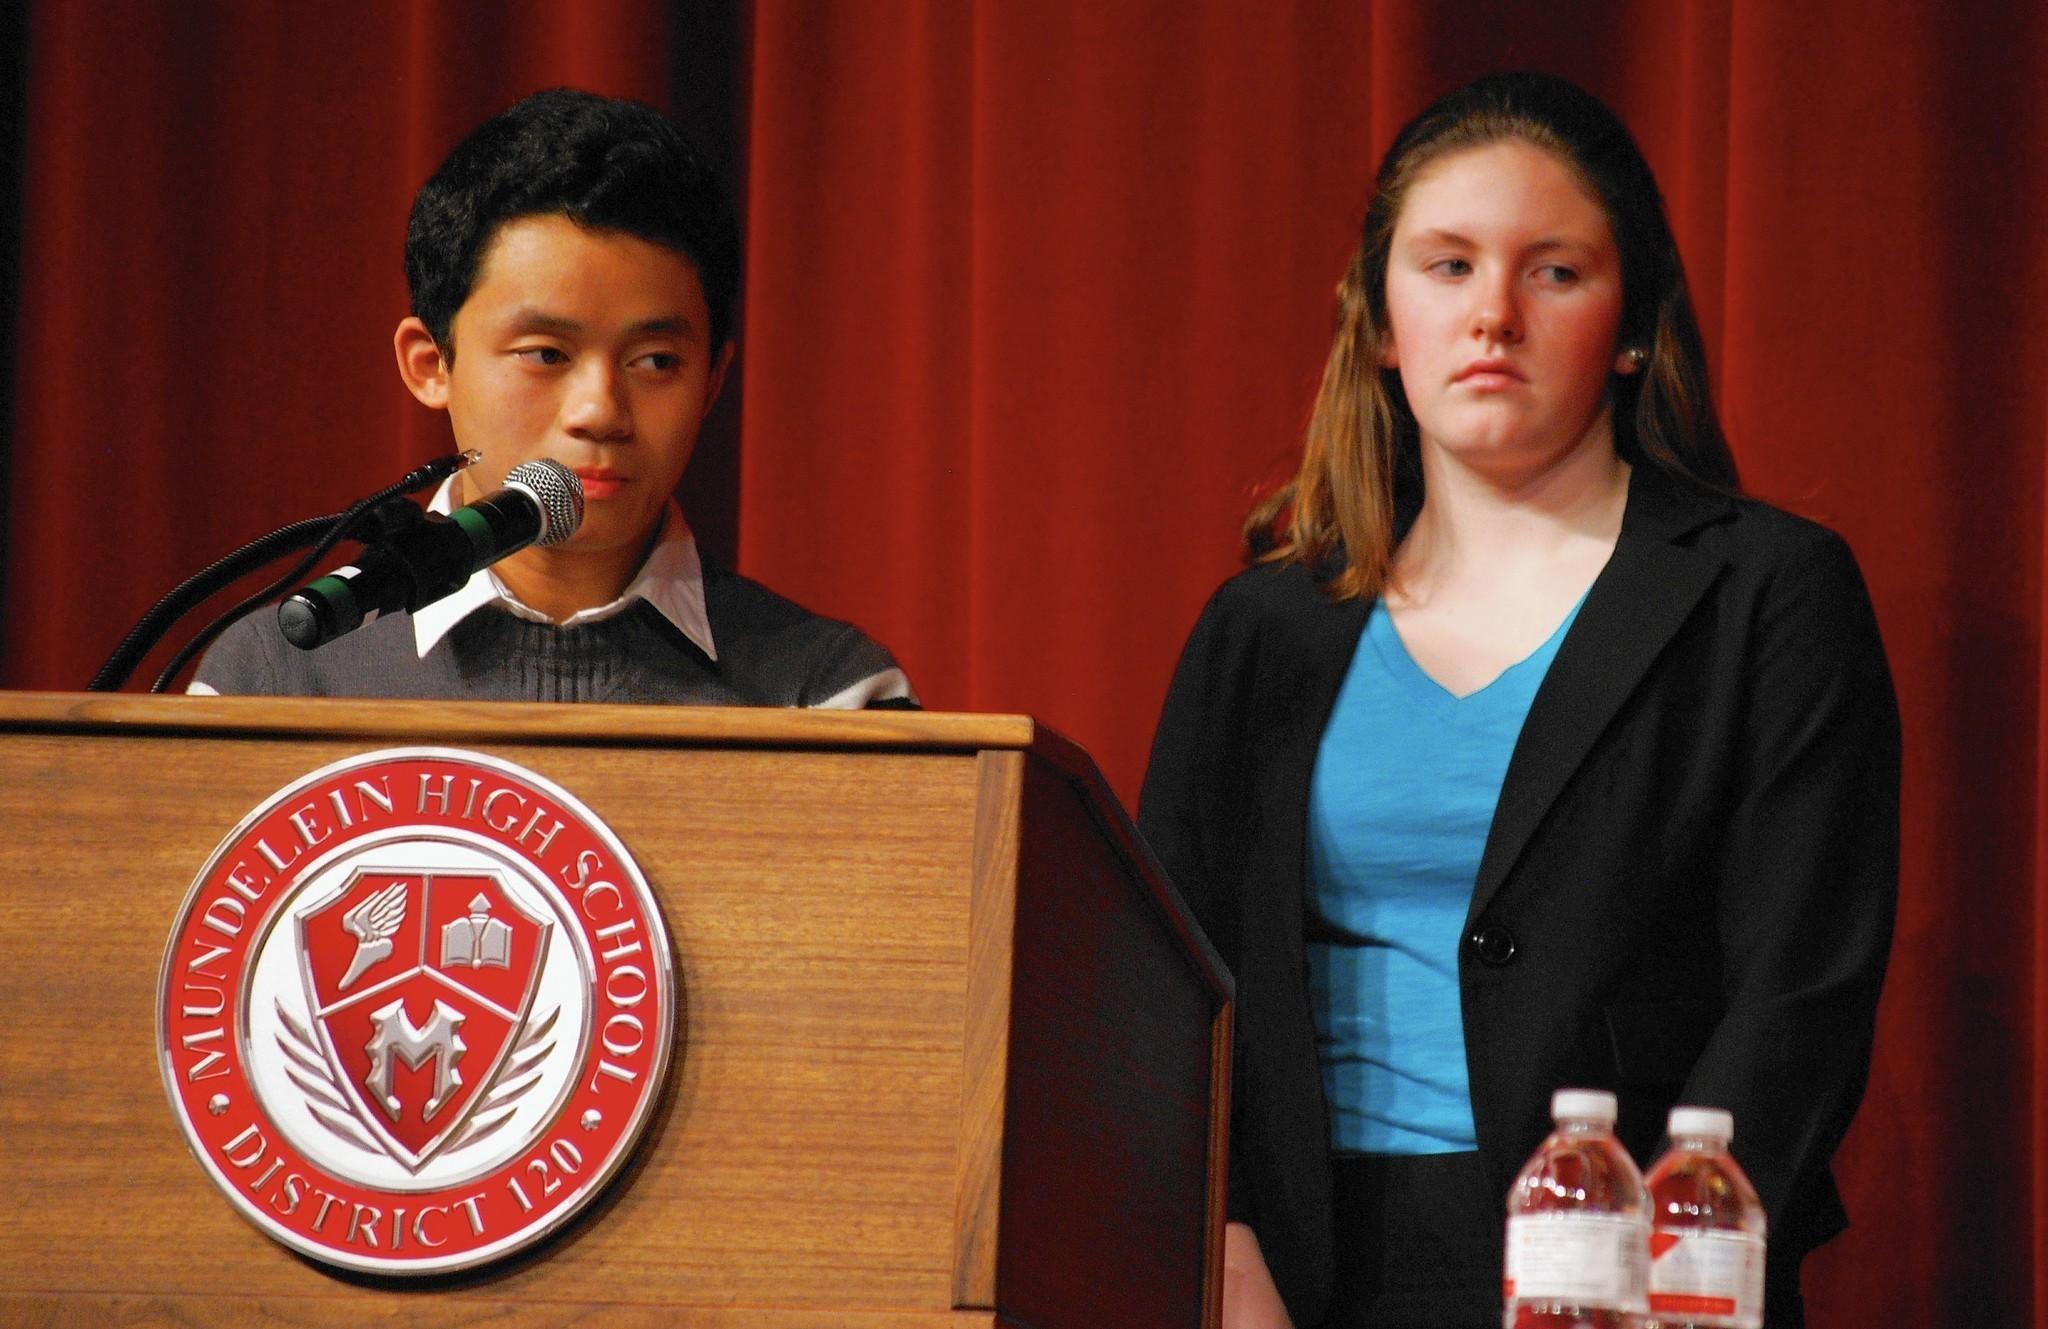 Mundelein High School Report Card Mundelein High School Students